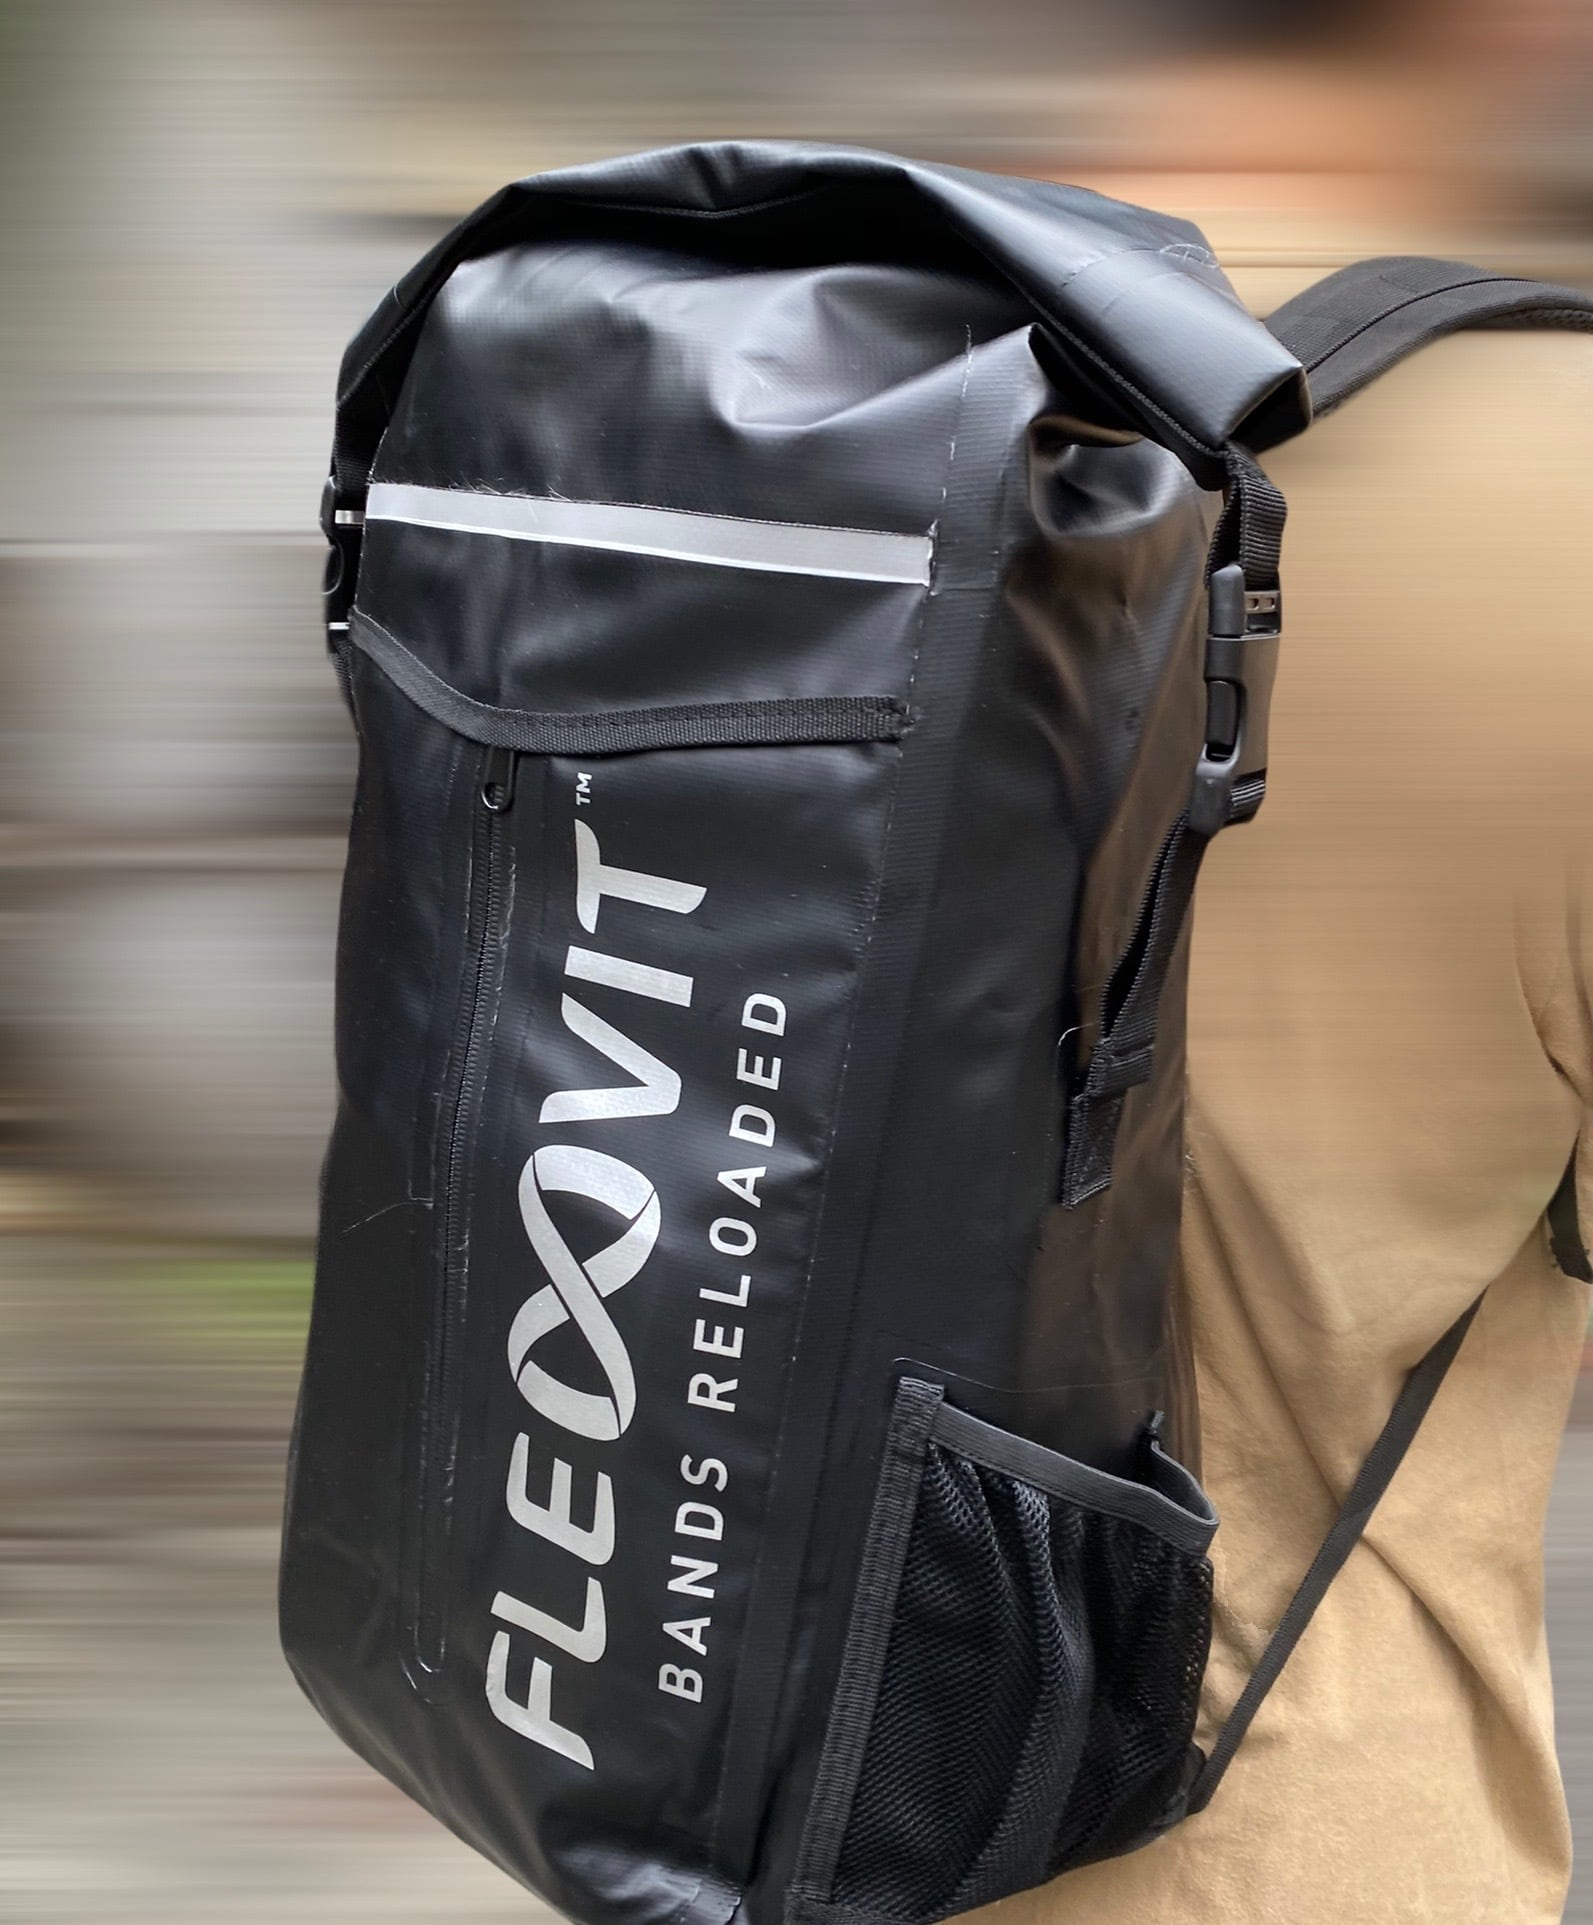 FLEXVIT ROLL-TOP BACKPACK-フレックスヴィット ロールトップバックパック